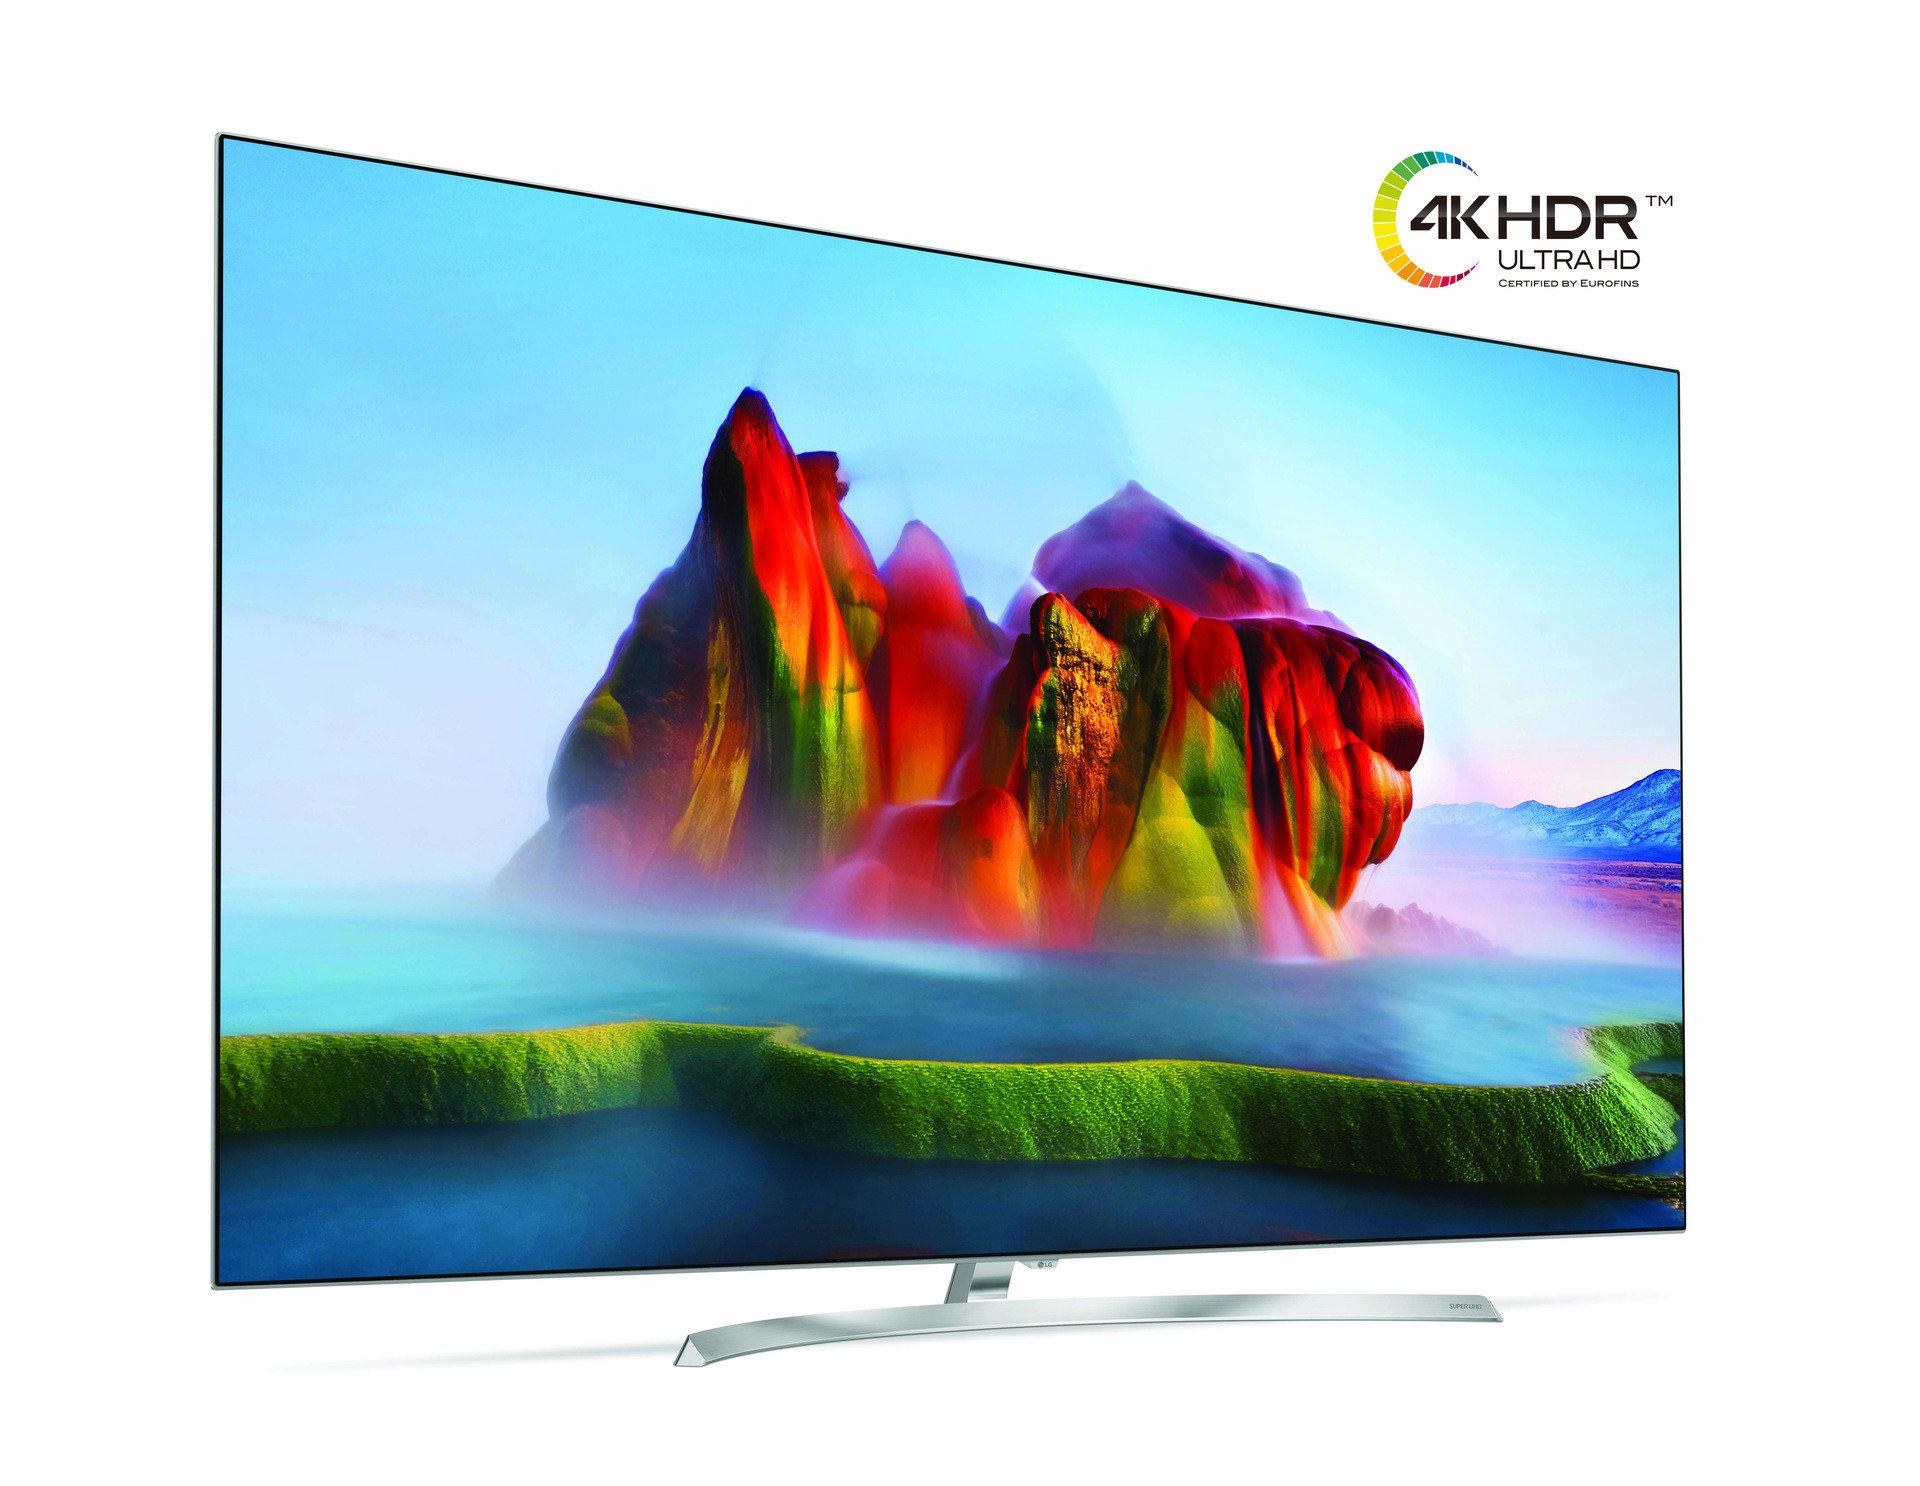 Telewizory LG 4K 2017 otrzymują certyfikat jakości EUROFINS